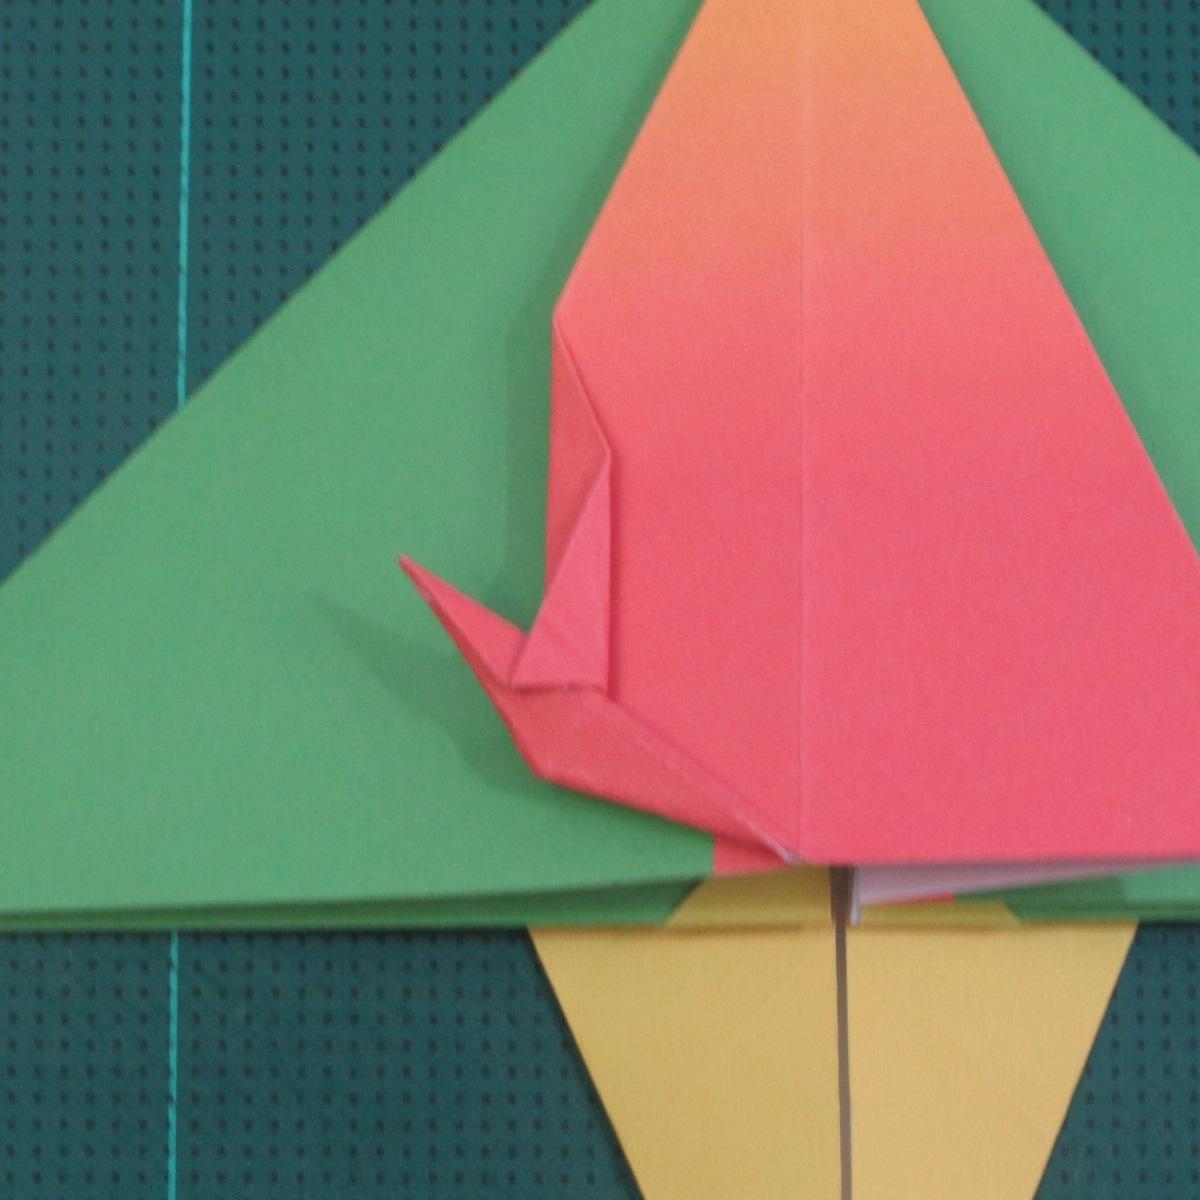 วิธีพับกระดาษเป็นรูปนกแก้ว (Origami Parrot) 022